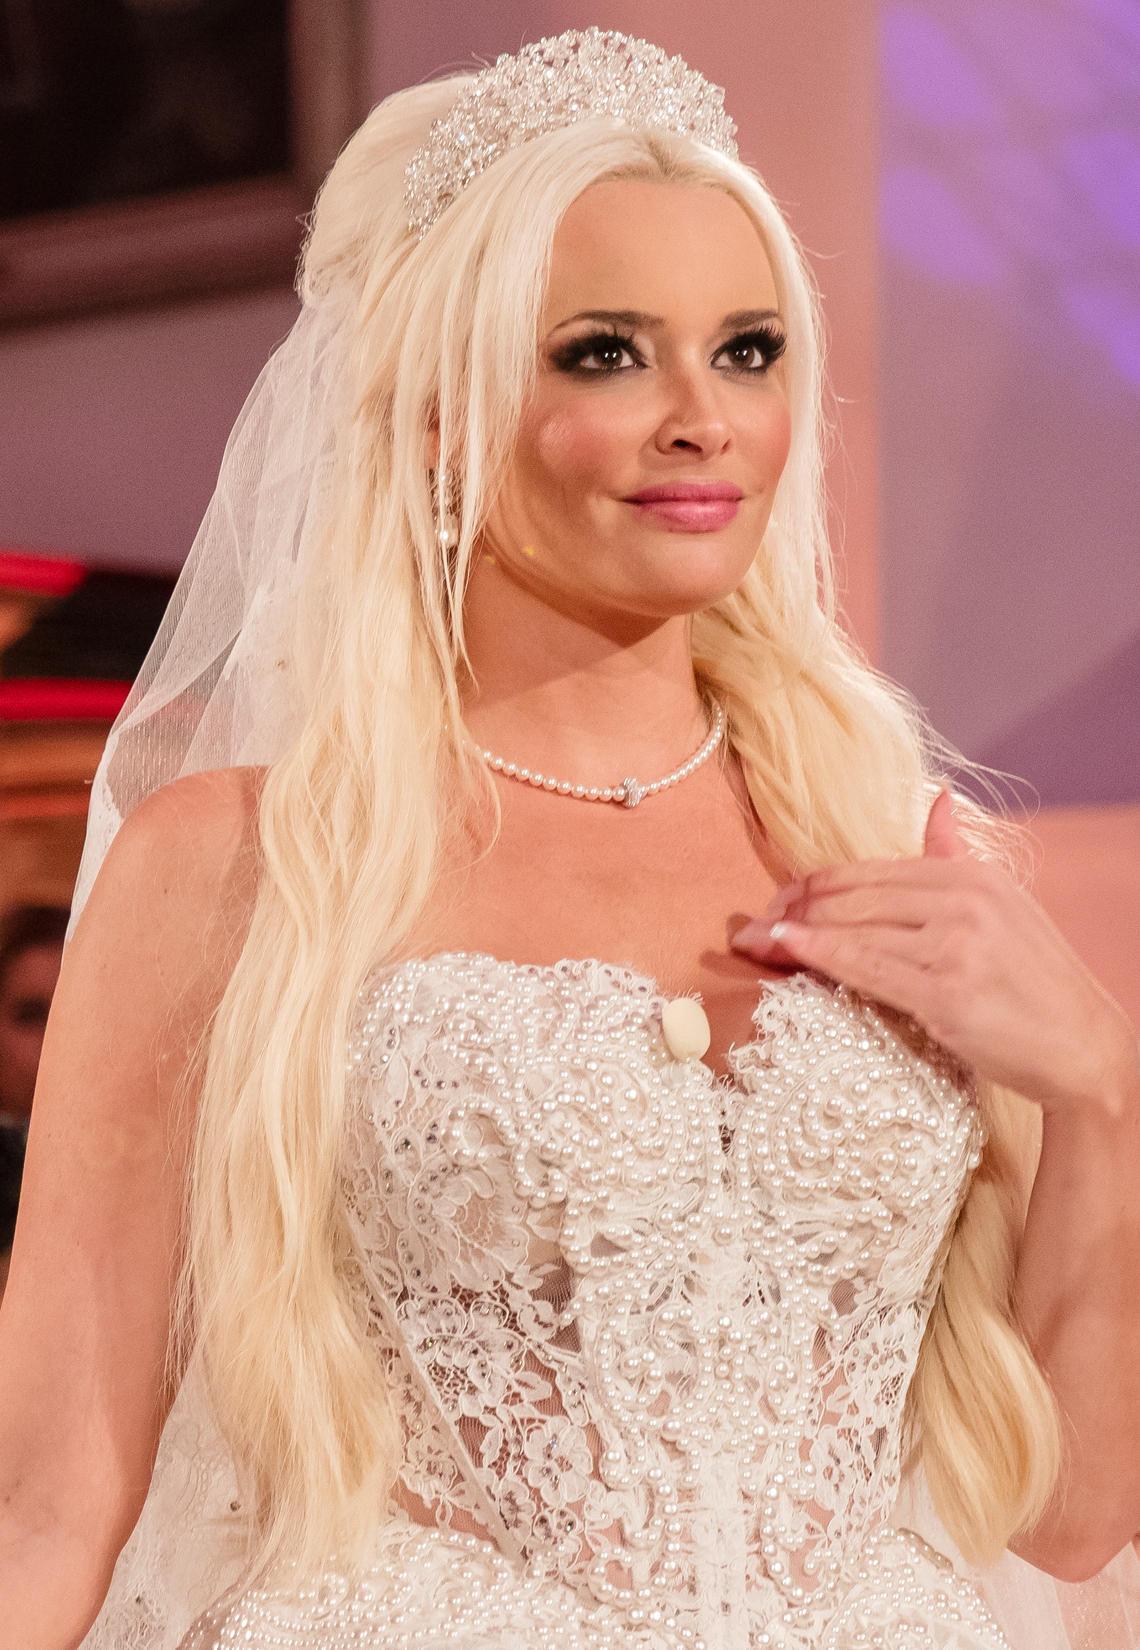 Hochzeit Katzenberger  Daniela Katzenberger Fans kritisieren ihre Brautfrisur